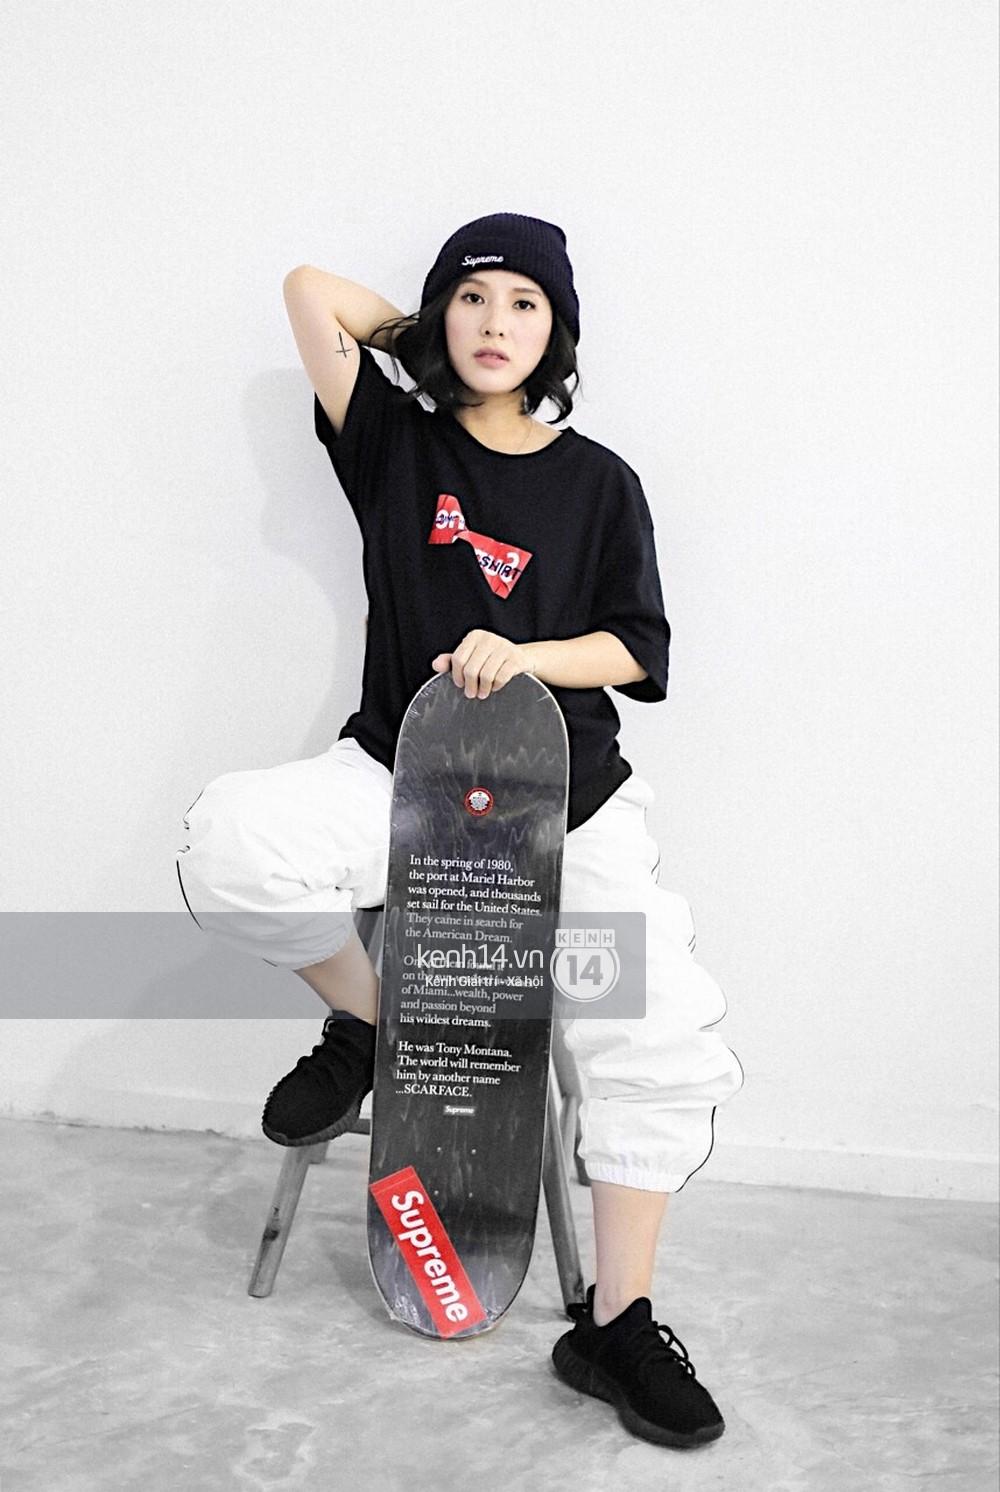 Gặp gỡ Trần Ngọc Hạnh Nhân - Nữ HypeBeast duy nhất của thế hệ 8x Việt - Ảnh 13.